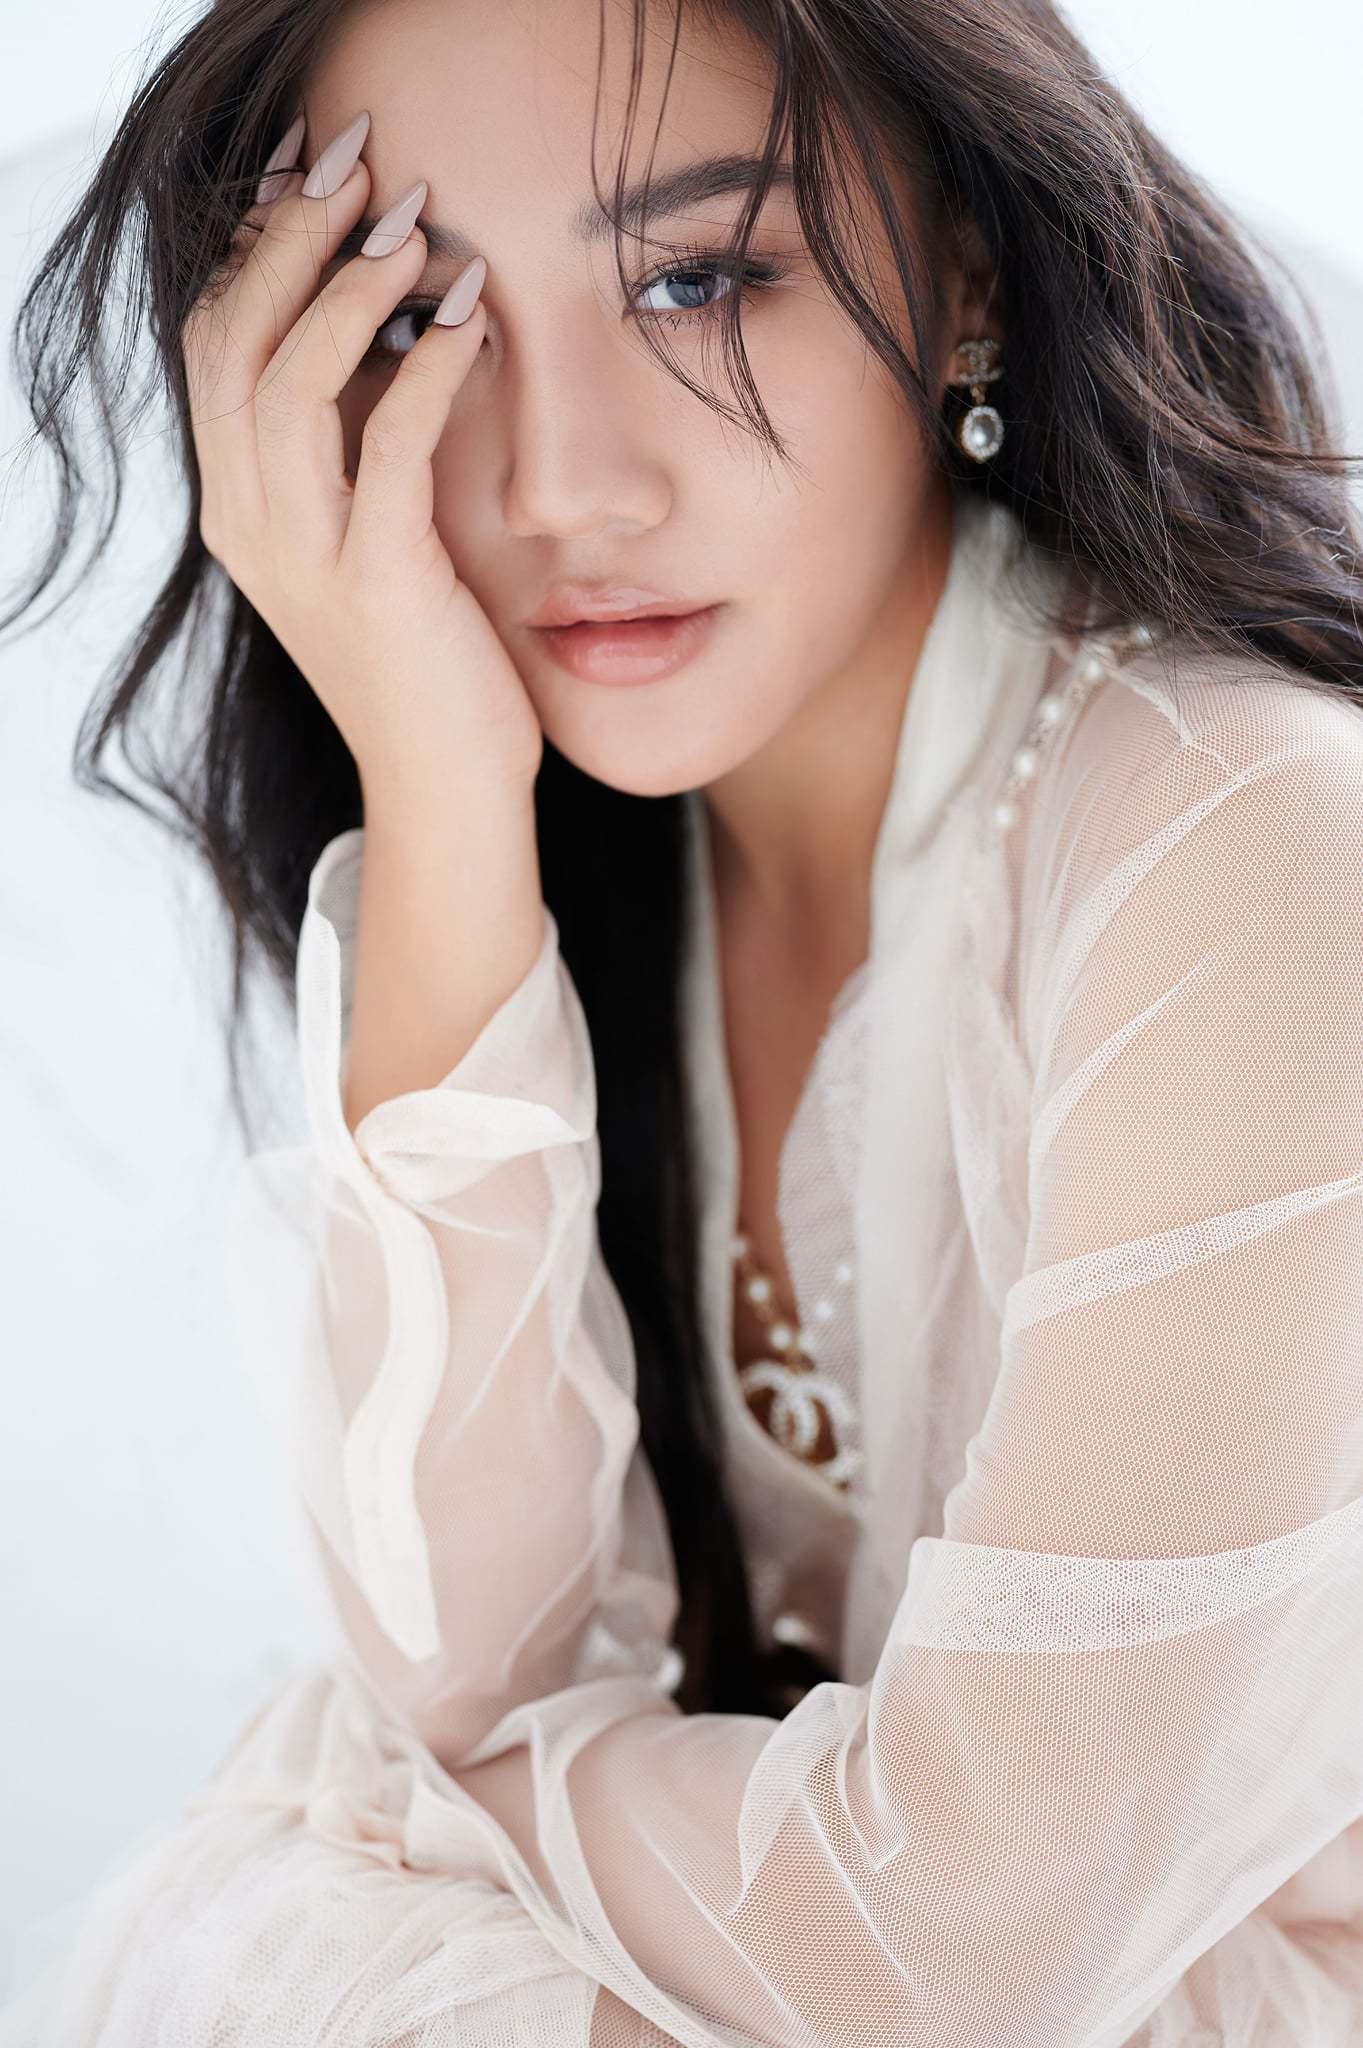 Văn Mai Hương:'Đi qua những tổn thương, tôi không còn sợ yêu nữa'